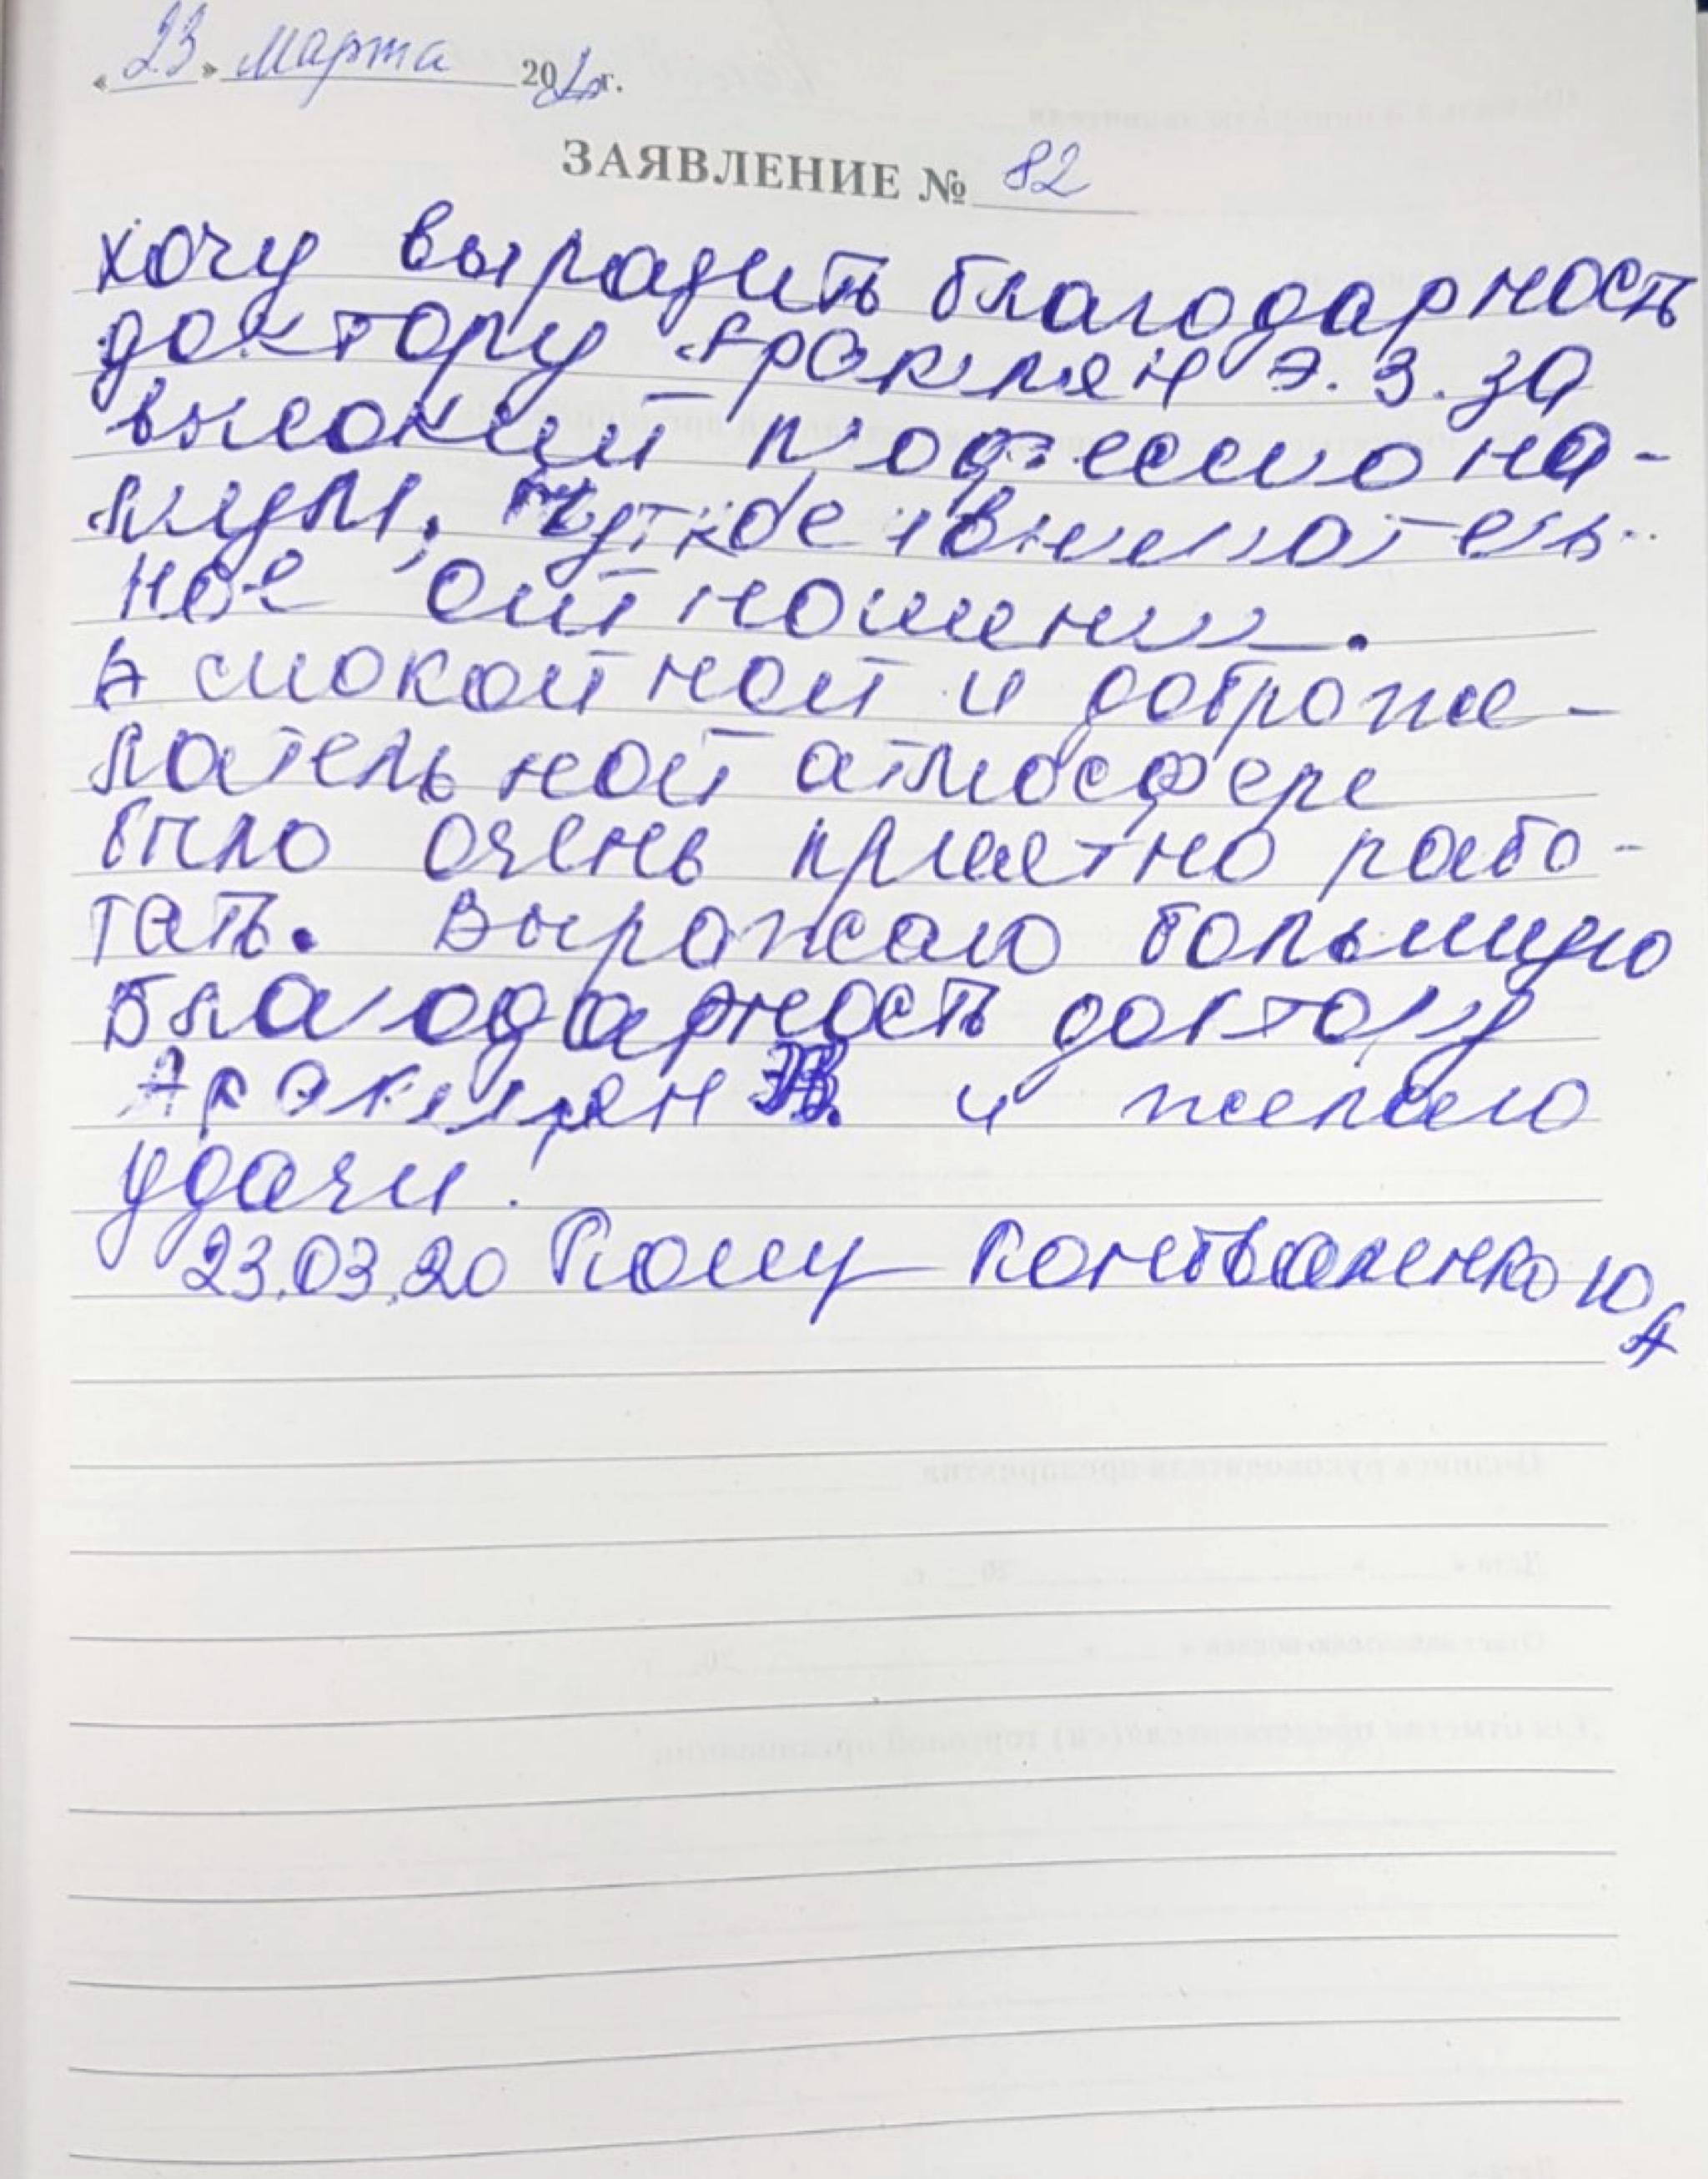 <em>Редактировать Отзыв</em> Юрий Алексеевич. Стоматология Фларт